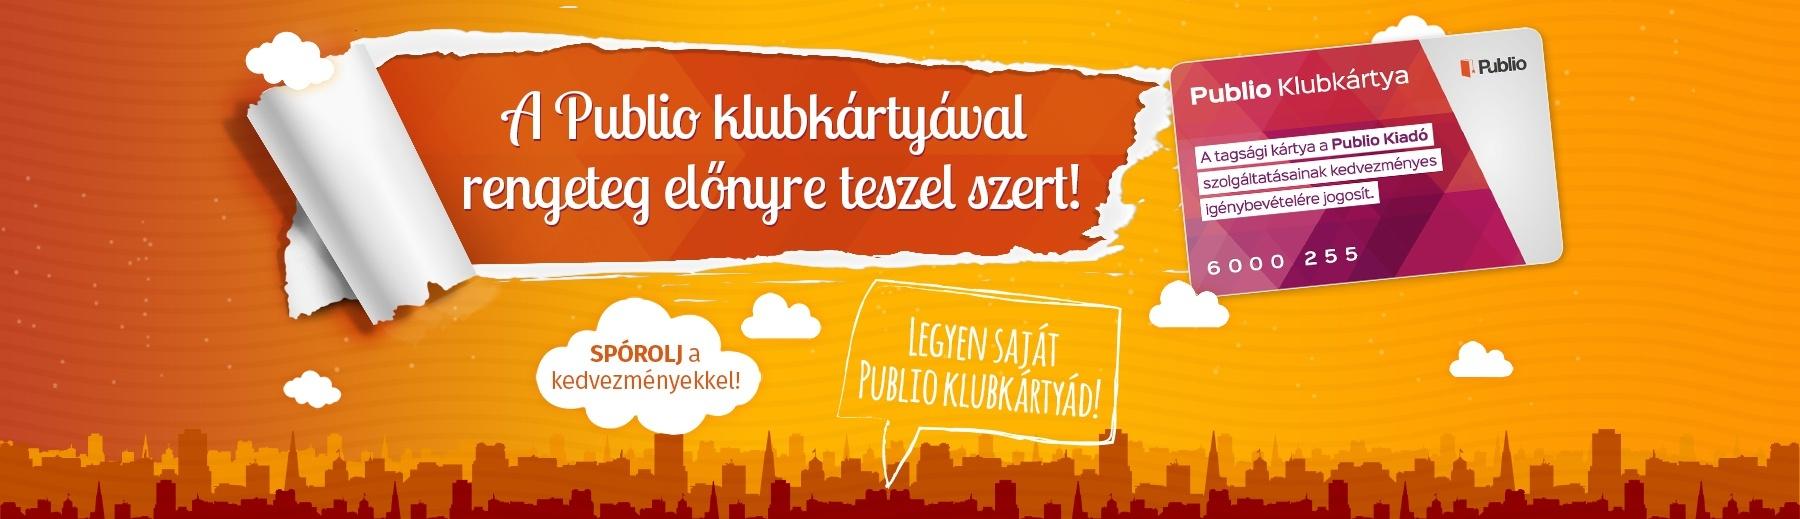 http://admin.konyvaruhaz.info/media/files/Klubkartya_banne_1800x519.jpg